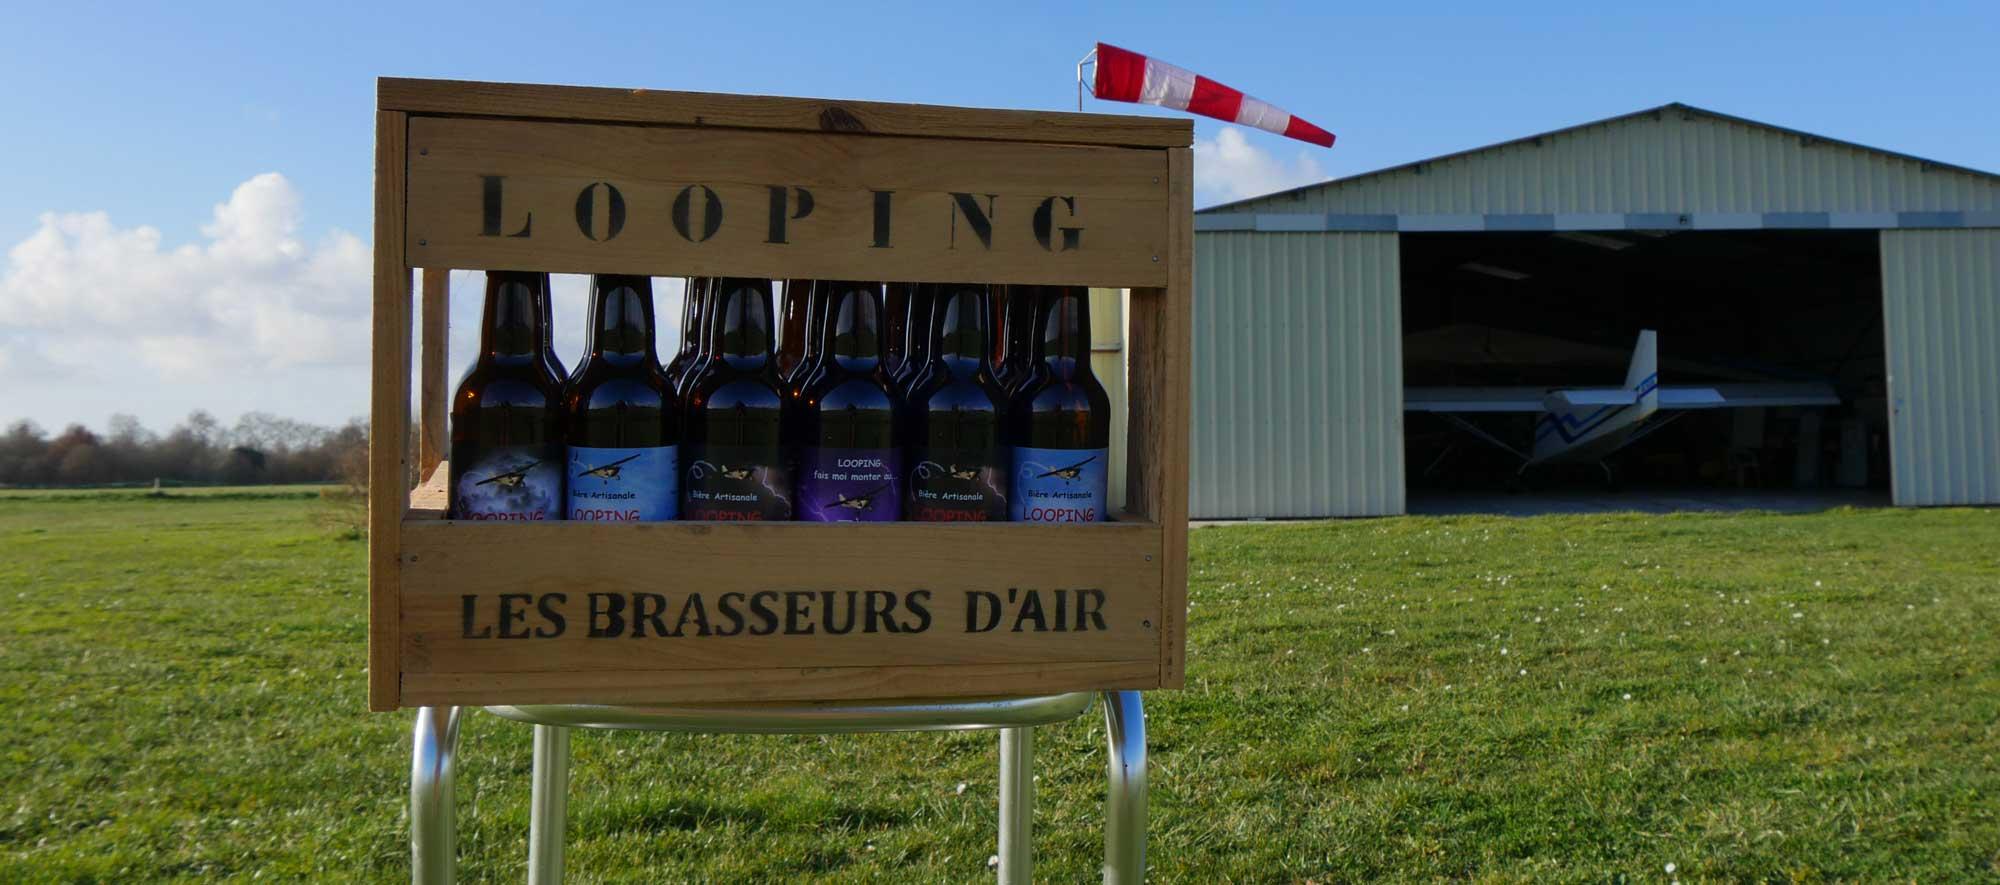 brasseur-biere-roayn-airocean-17media